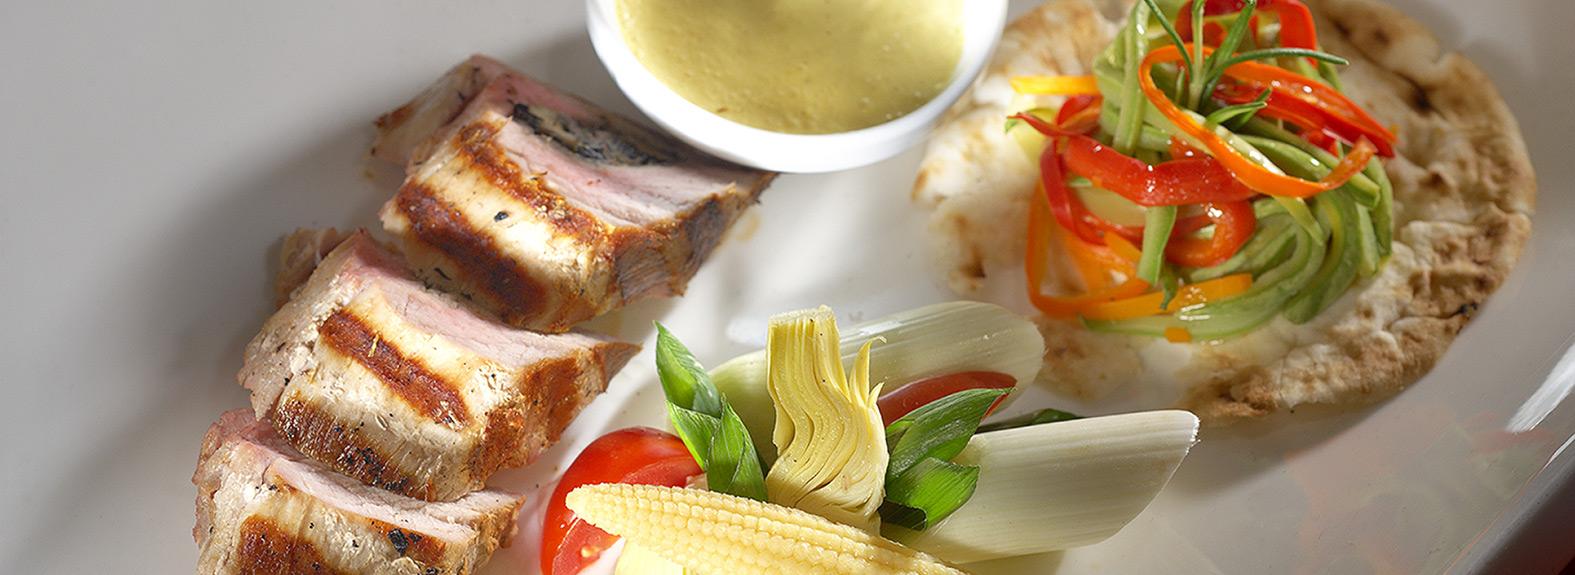 Gastronomy-12